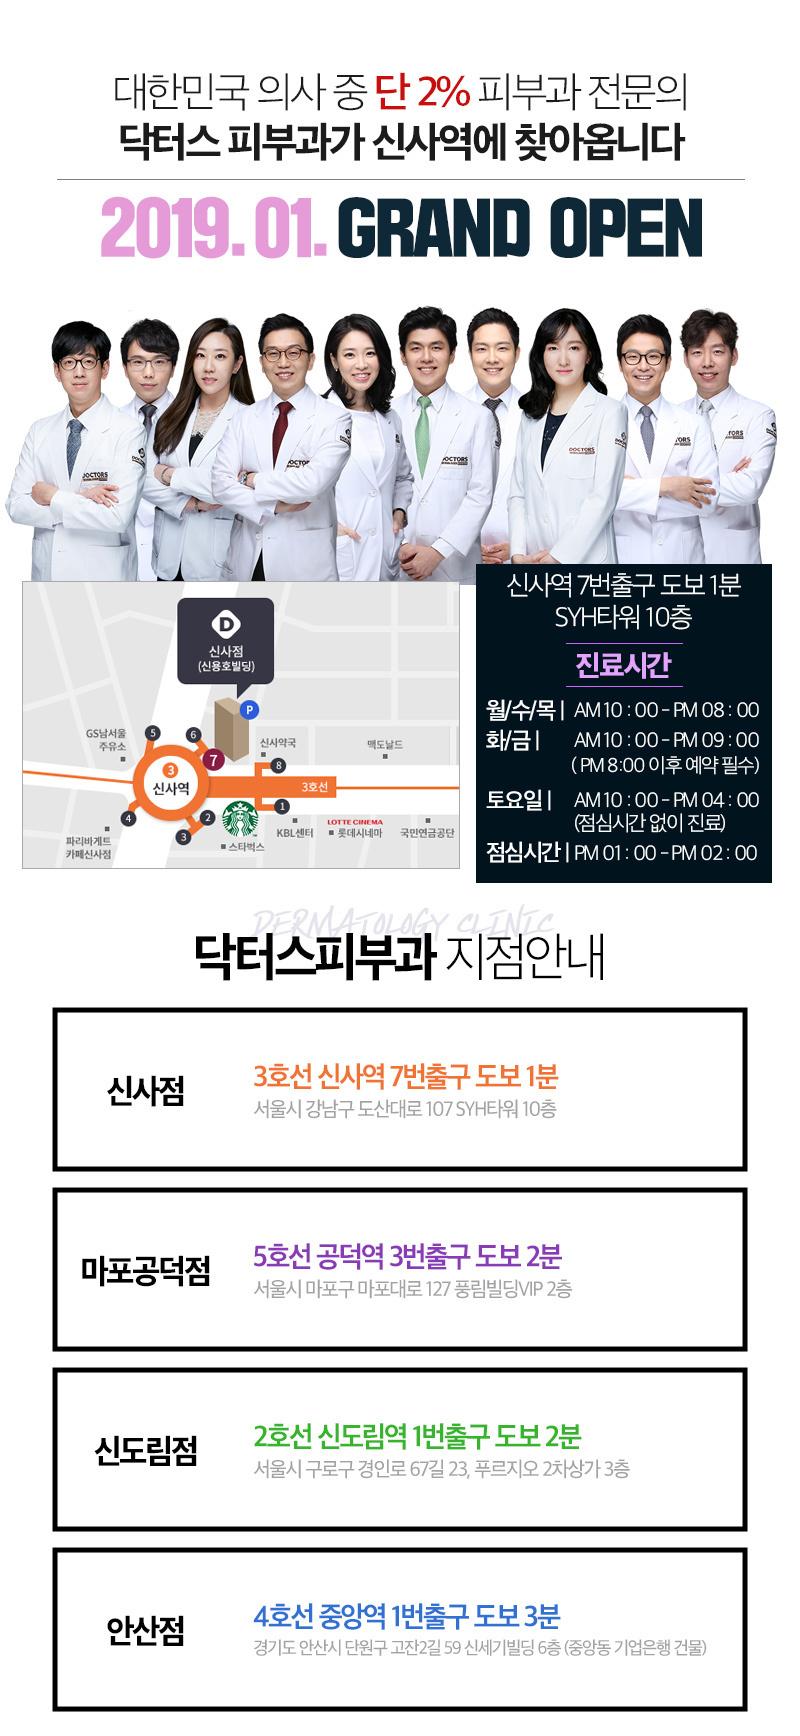 D event info a10a7ad4a2b6923430